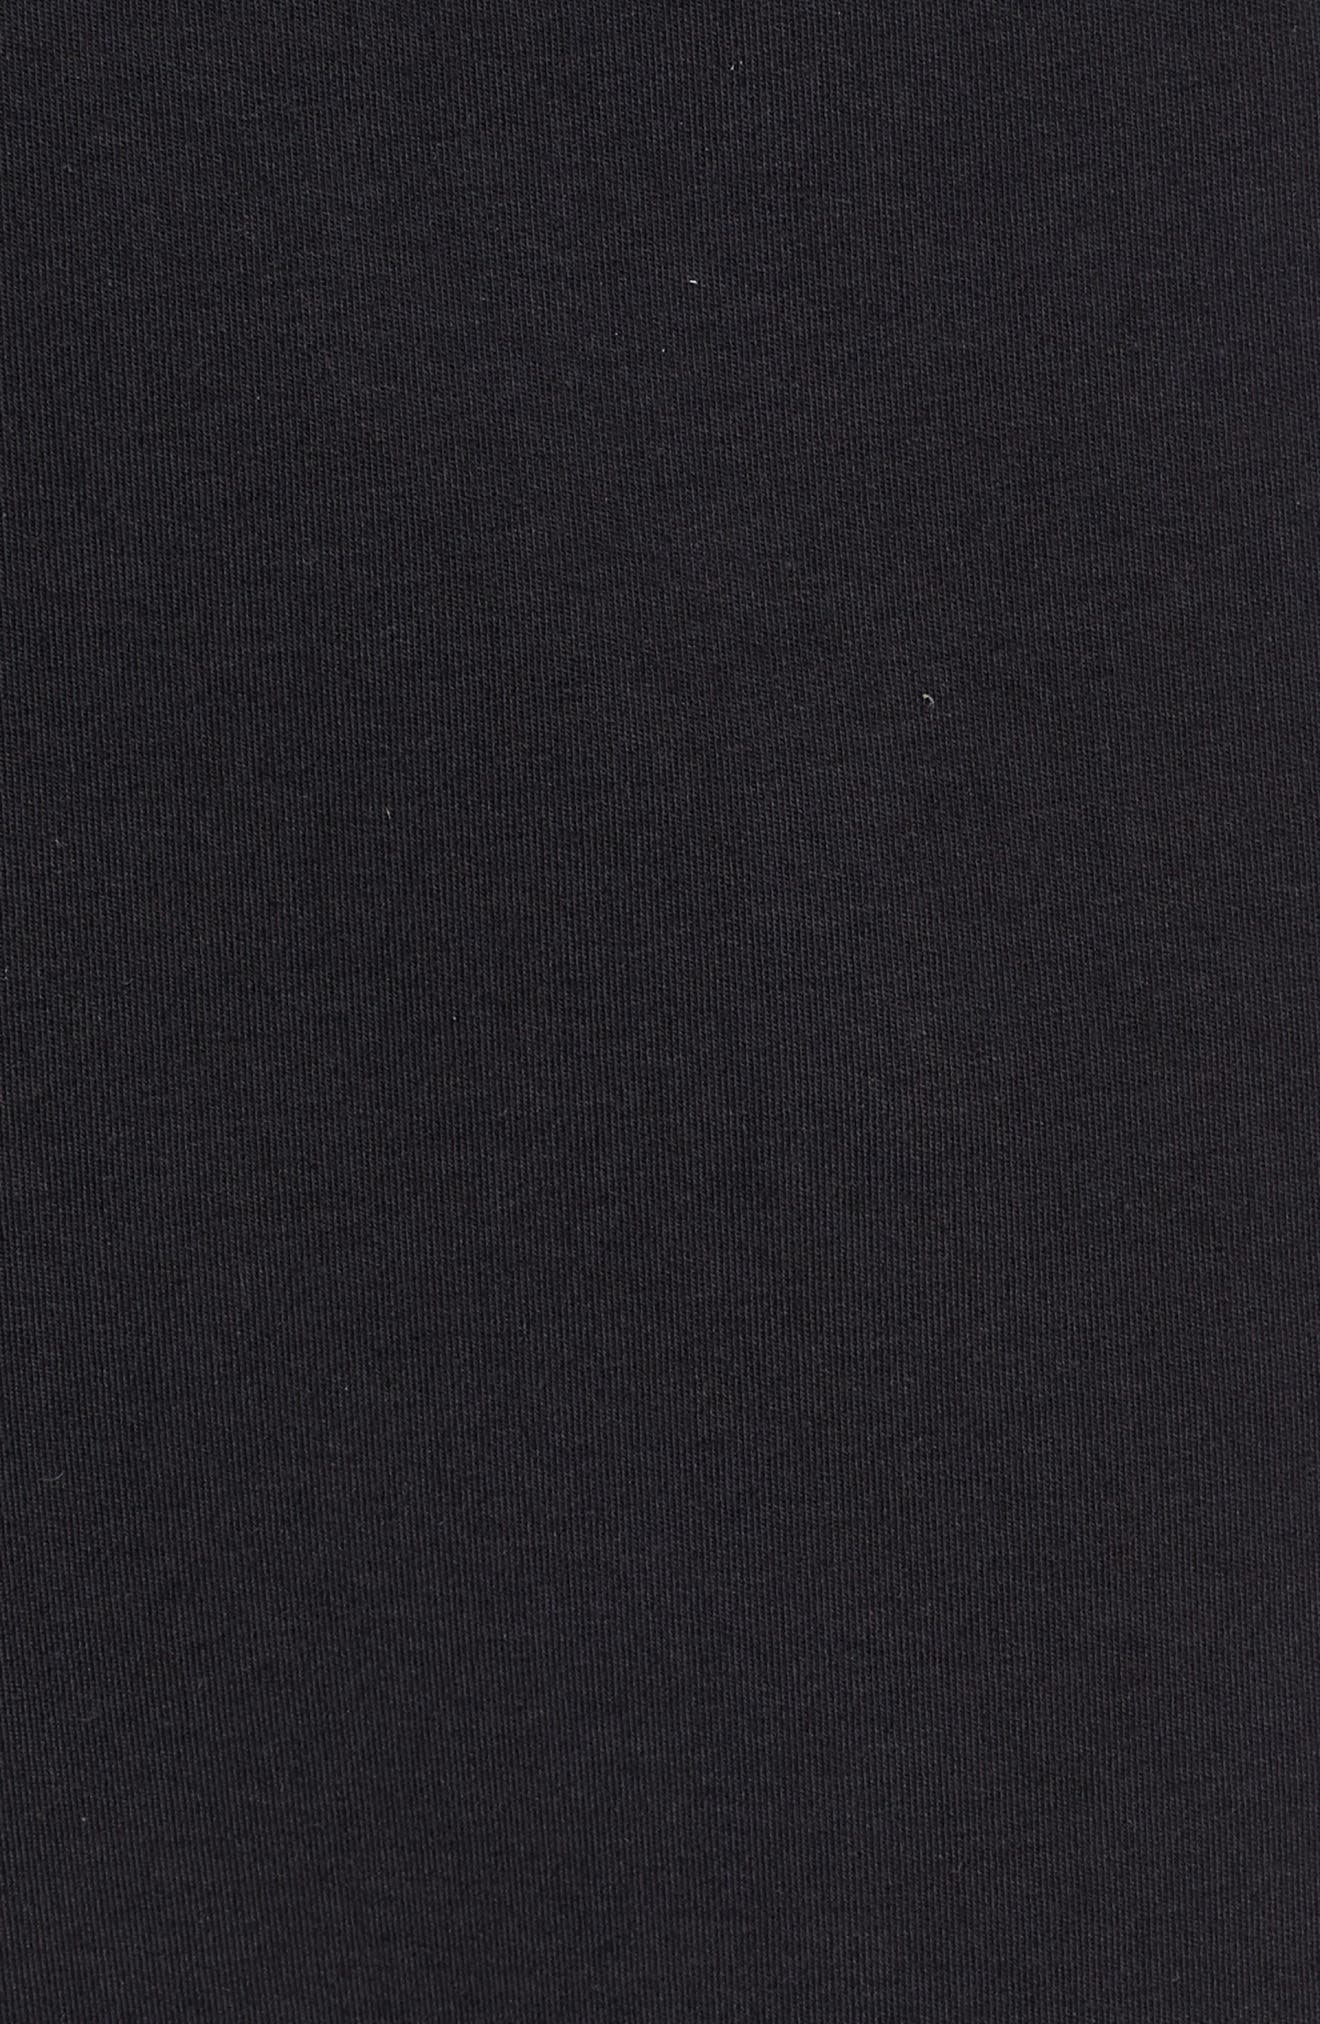 NIKE, Tech Knit Jogger Pants, Alternate thumbnail 6, color, BLACK/ BLACK